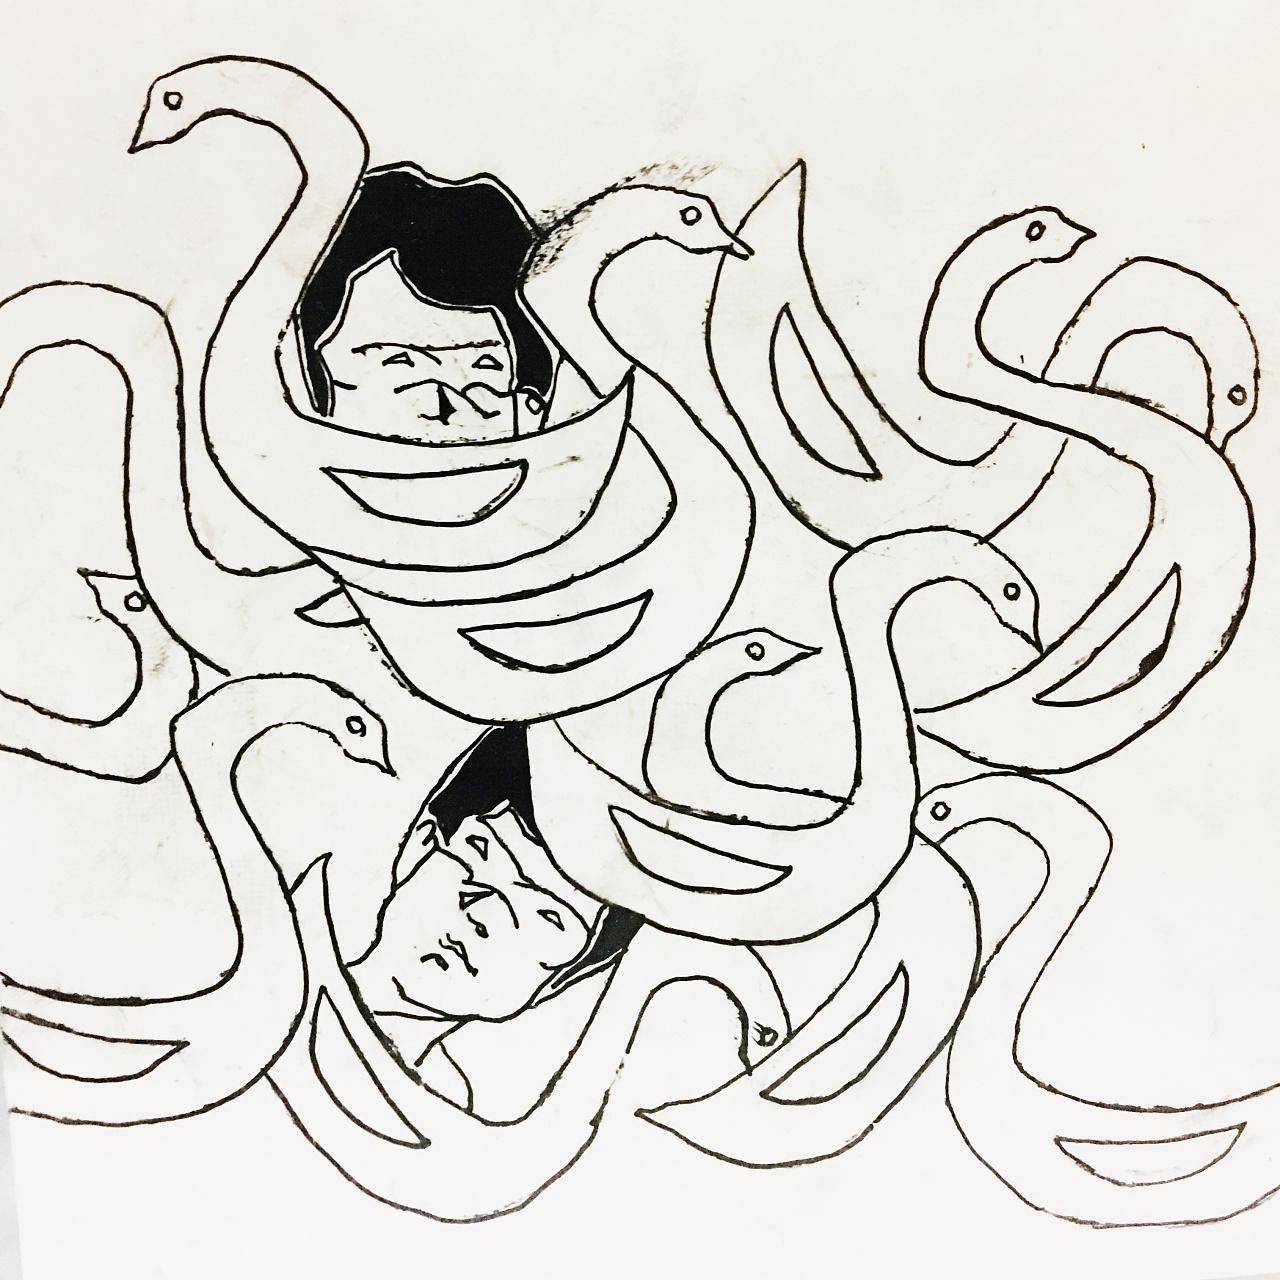 【手绘系列】—人与动物